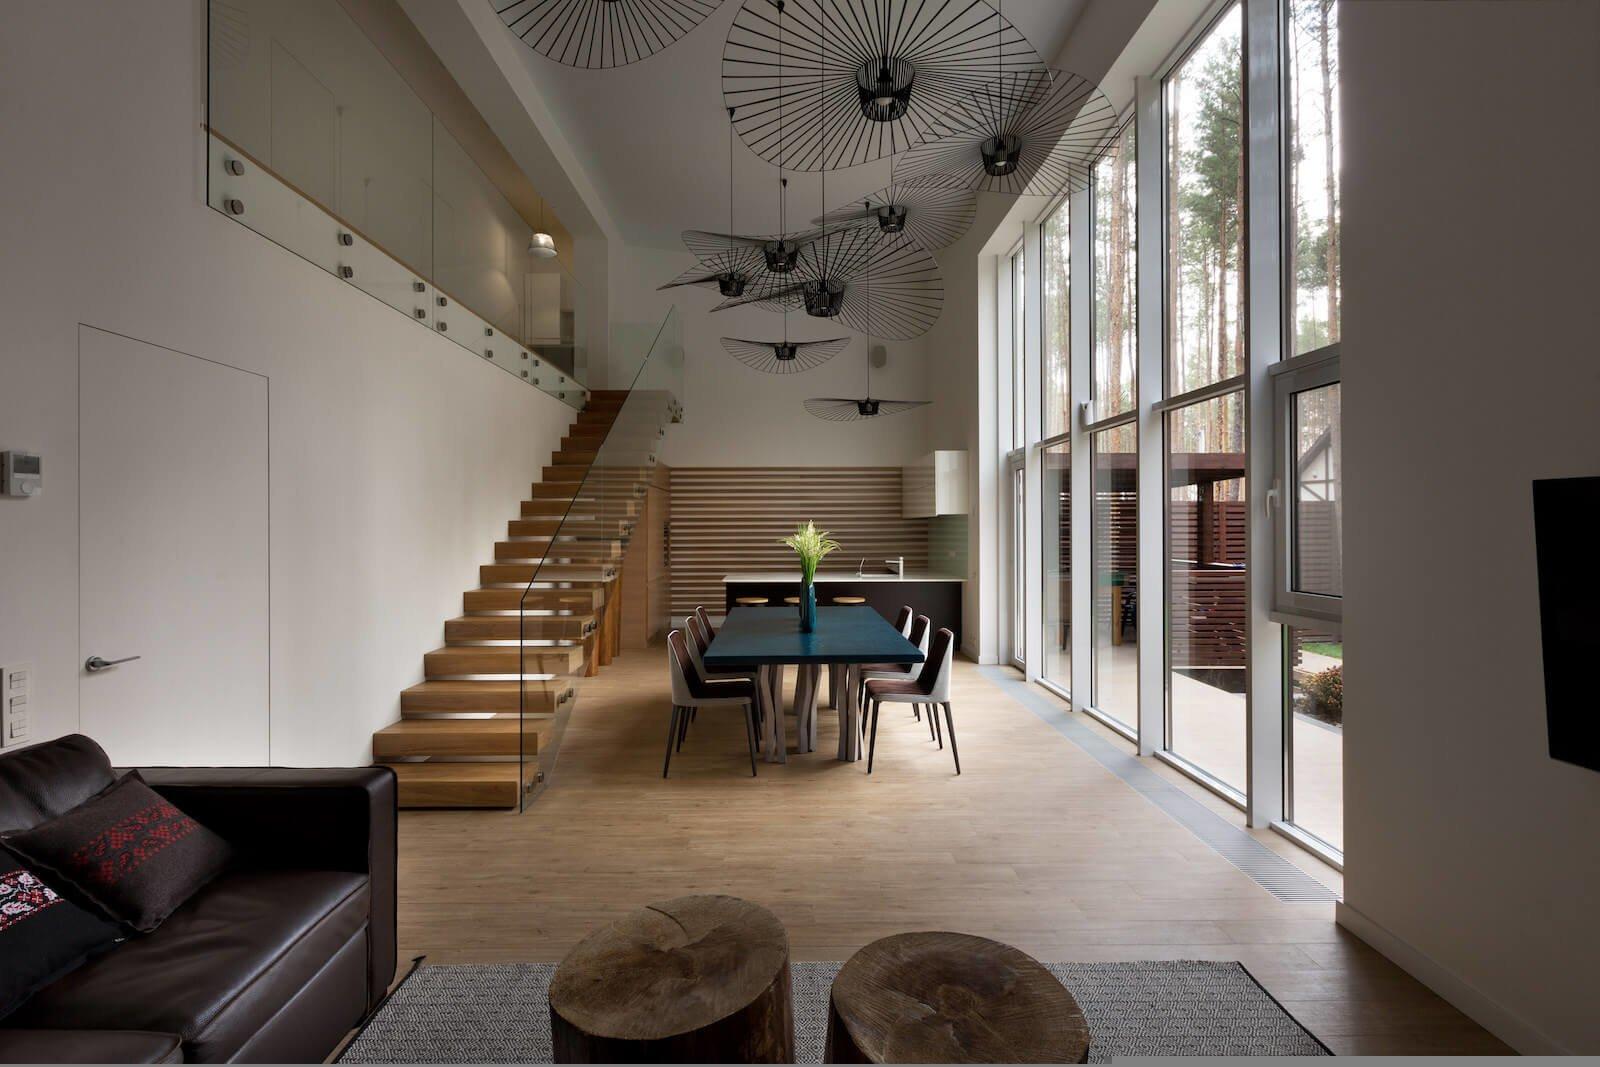 Дом расположен в сосновом лесу и основная сложность в процессе работы над ним заключалась в максимальном сохранении природного ландшафта.